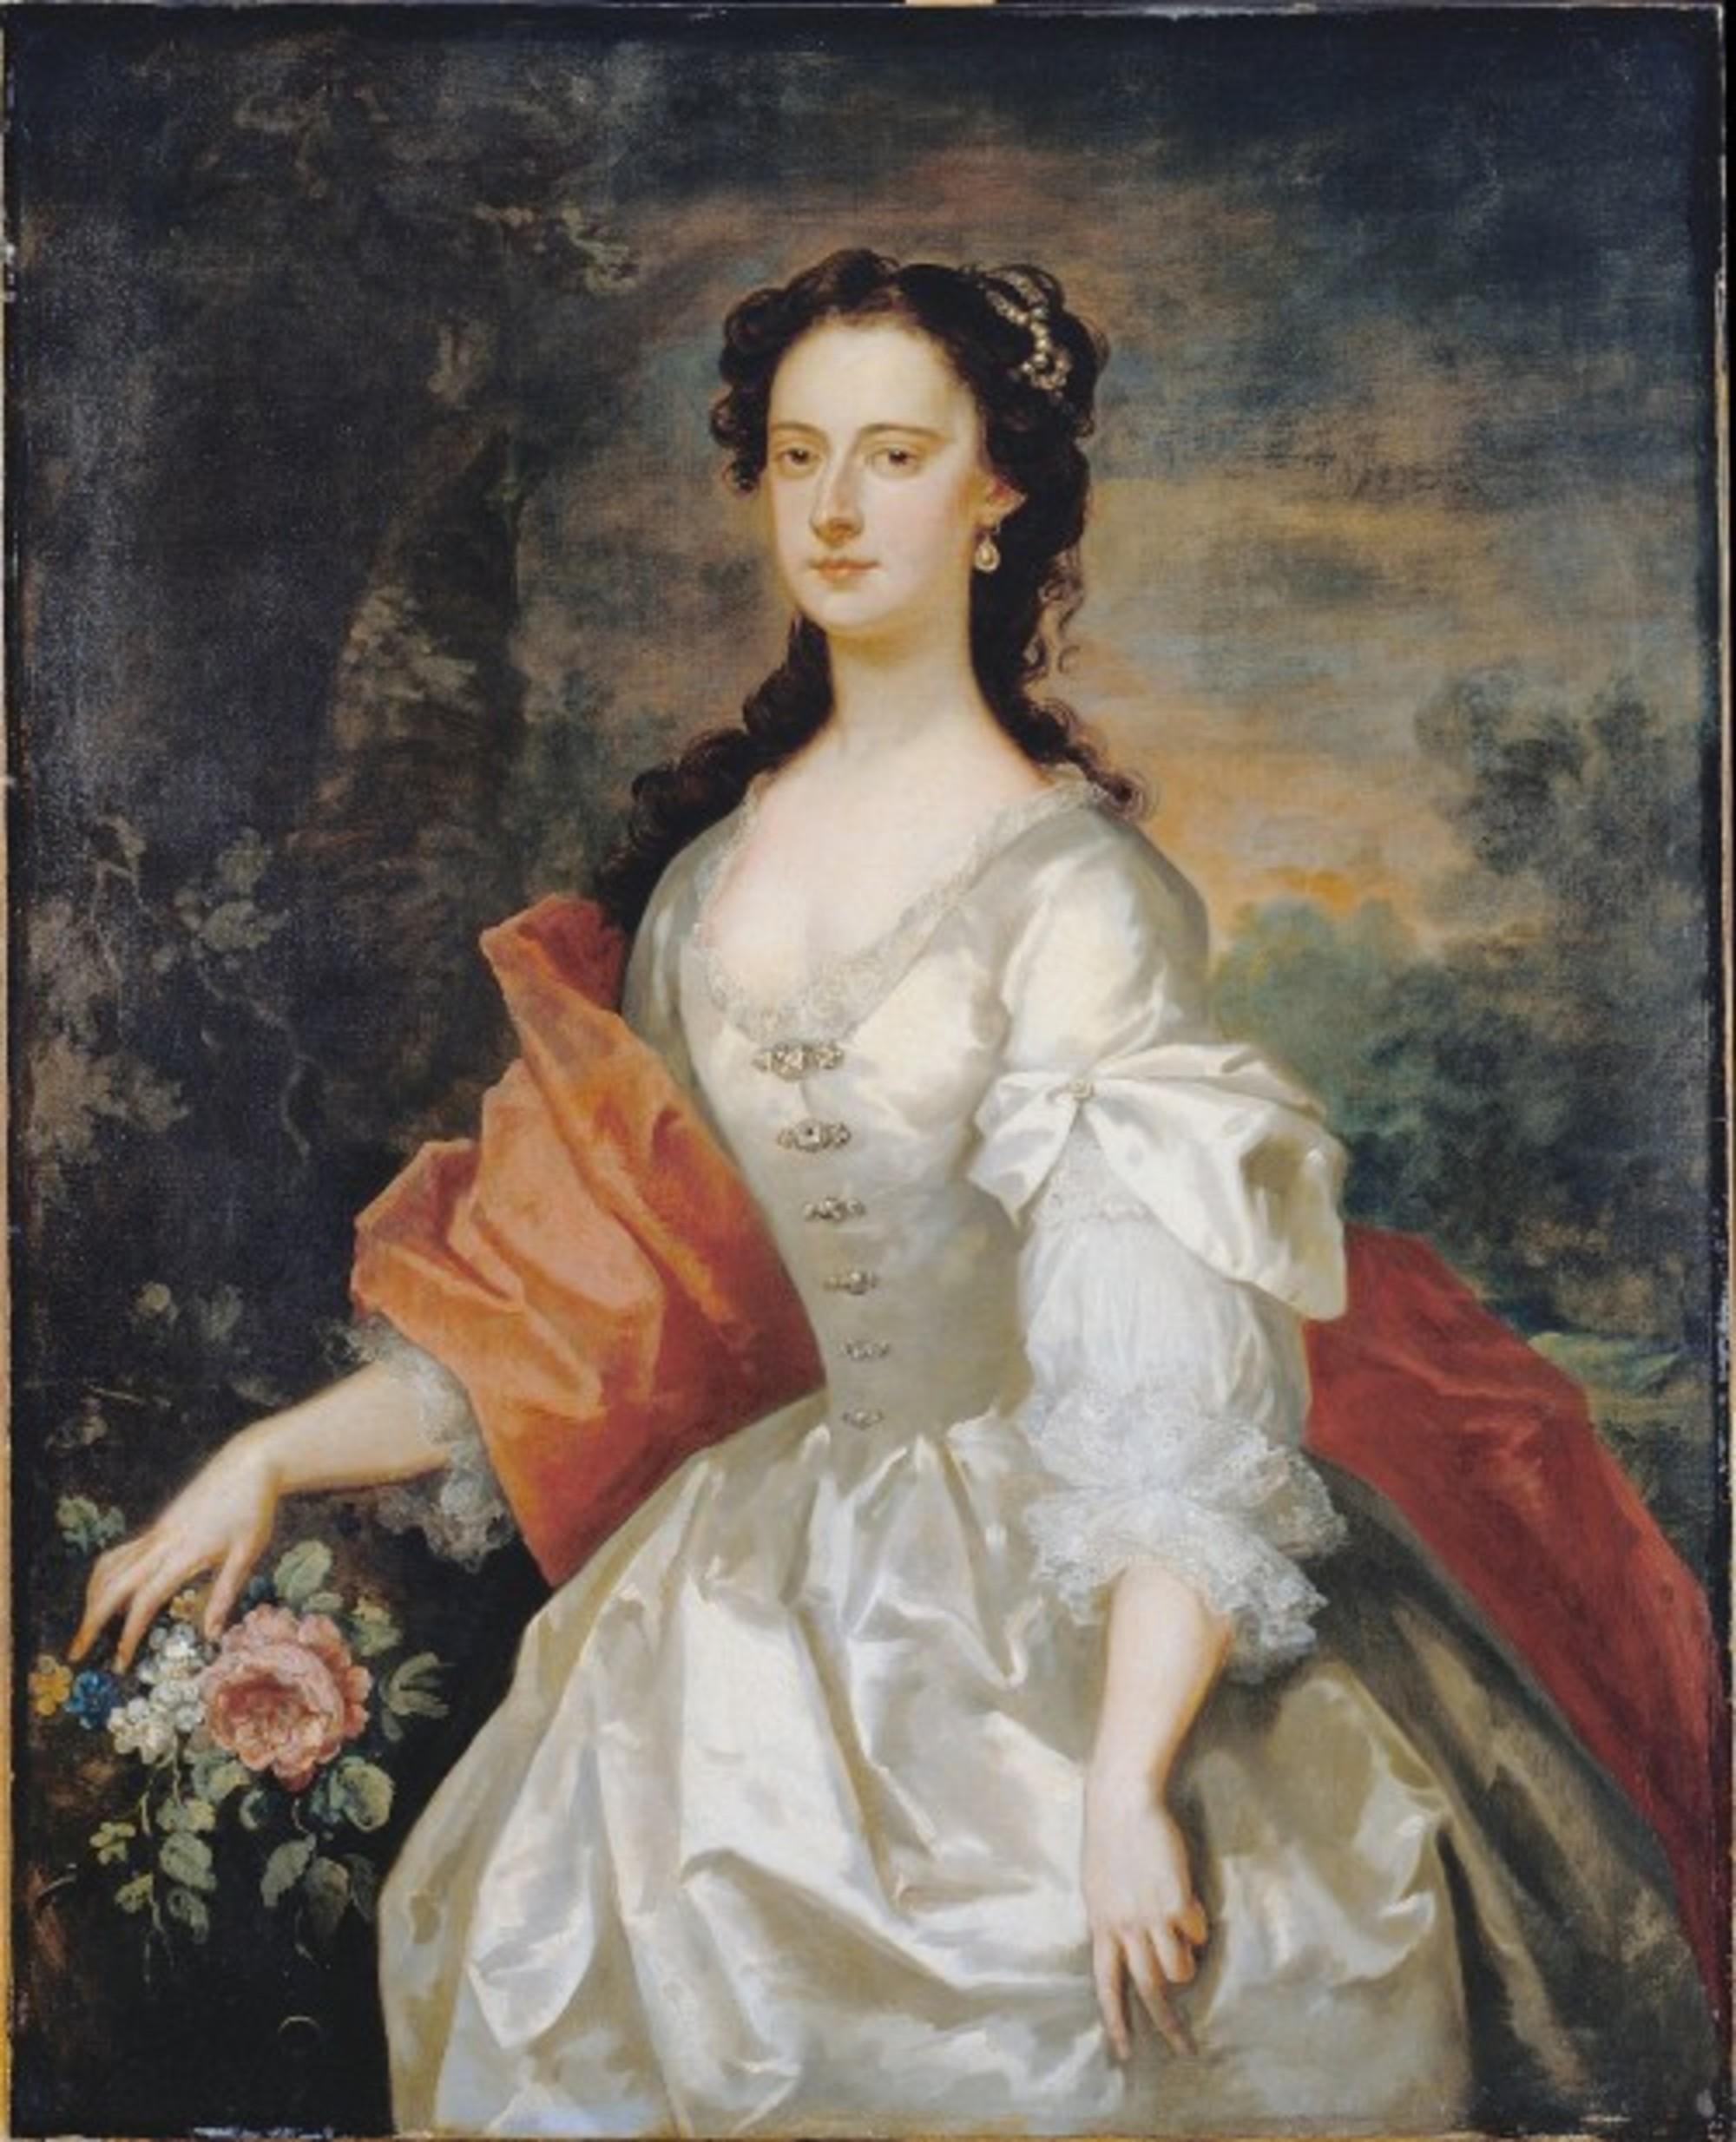 Vanderbank-John---Portrait-of-a-Woman-in-White---Google-Art-Project.jpg